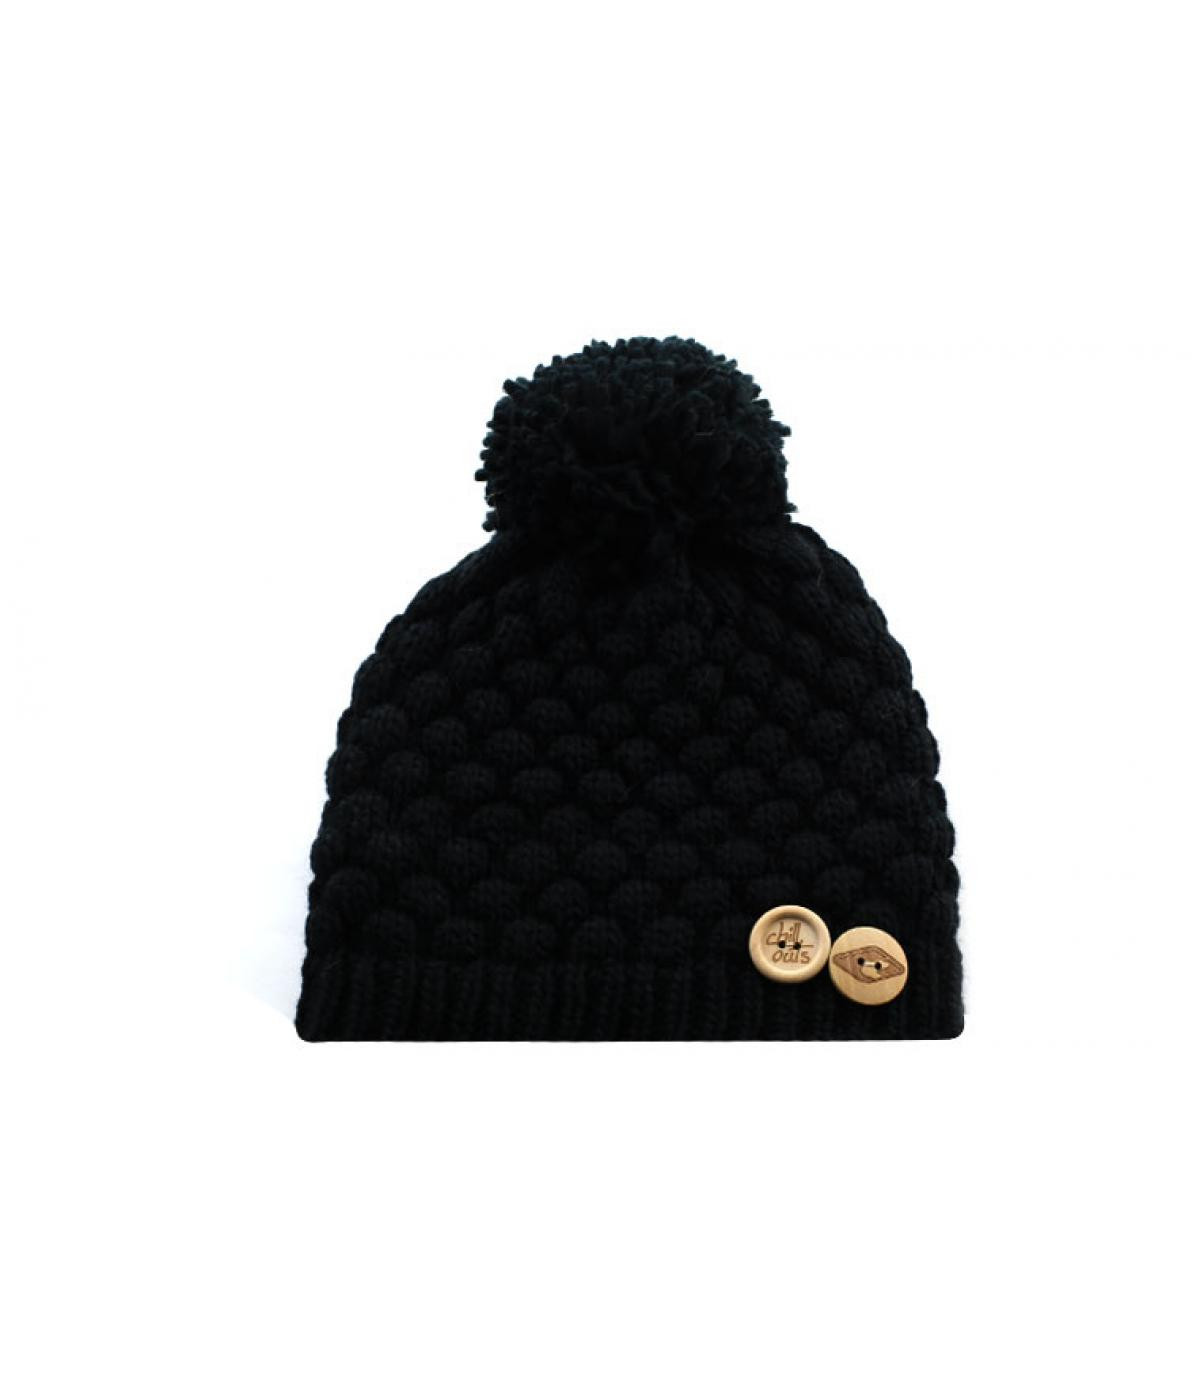 Detalles Nora Kid Hat black imagen 2